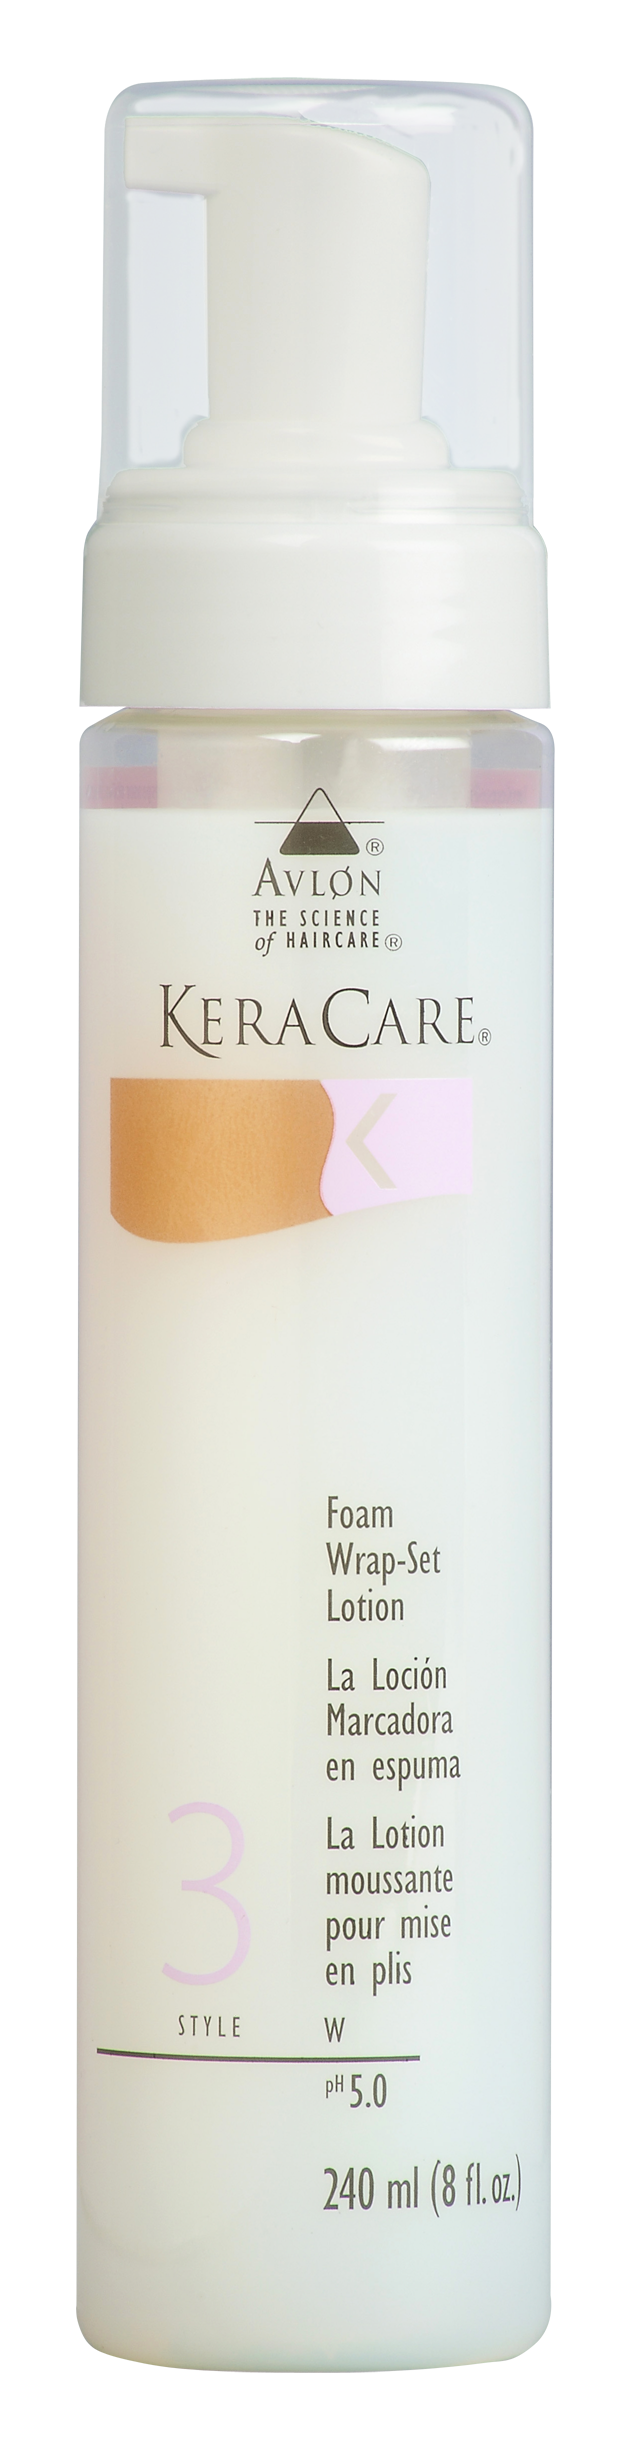 KeraCare® Foam Wrap Lotion